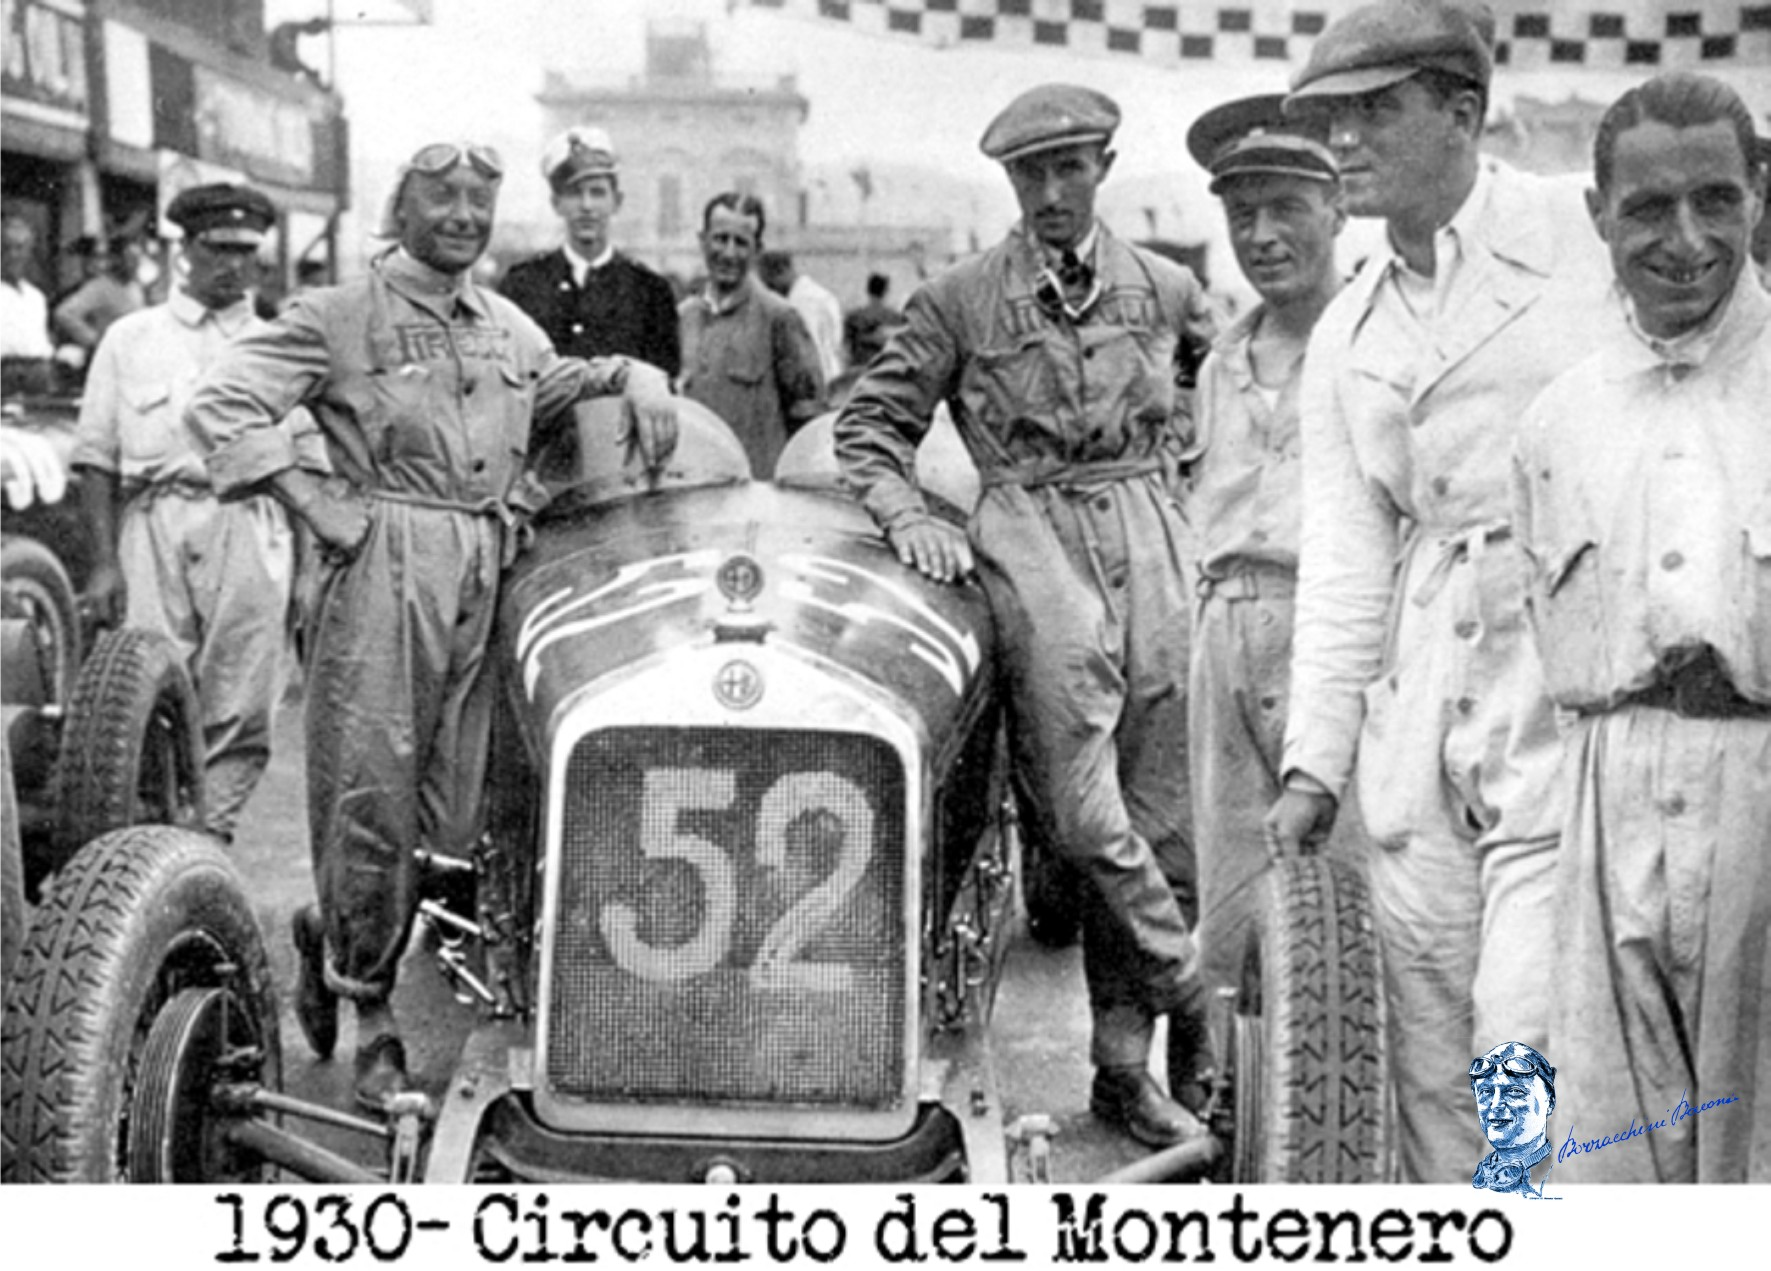 1930 coppa ciano montenero 1